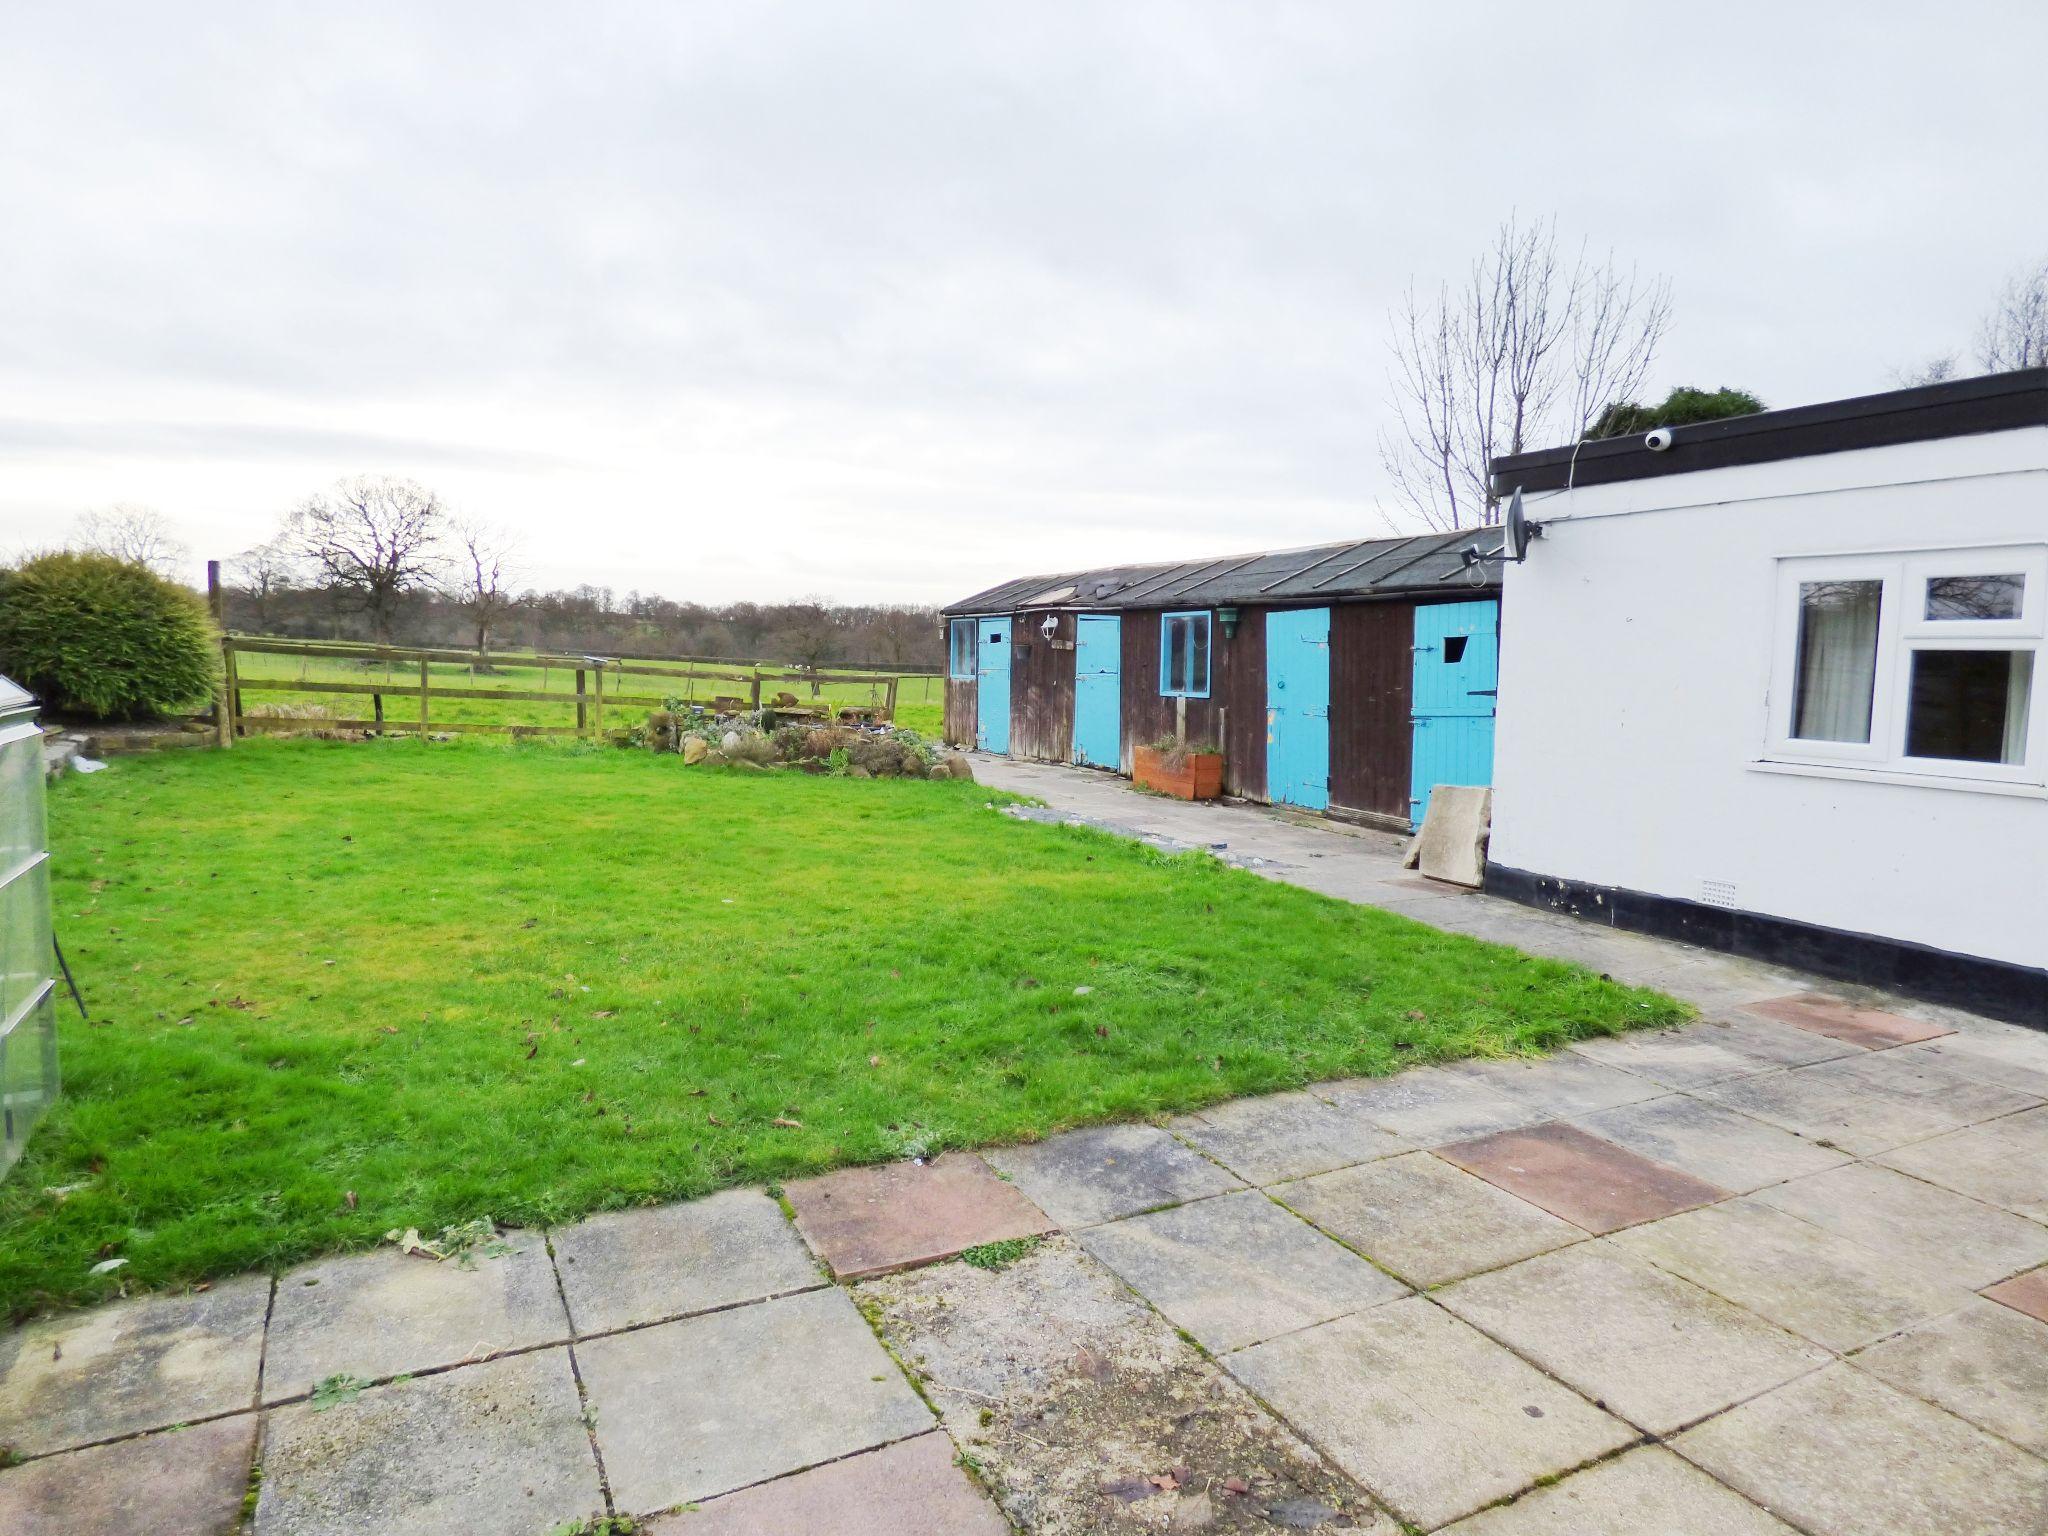 3 Bedroom Detached Bungalow For Sale - Rear Garden / Stable Block